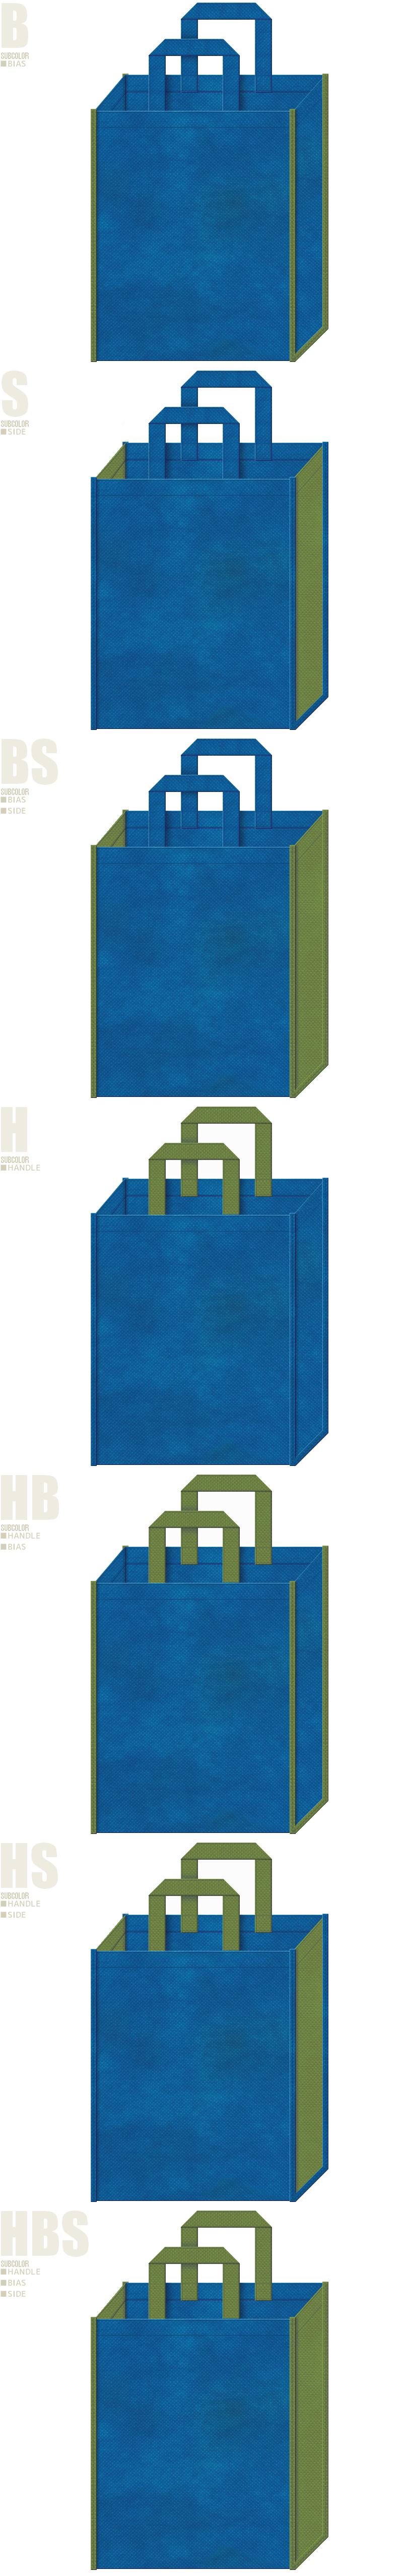 青色と草色-7パターンの不織布トートバッグ配色デザイン例